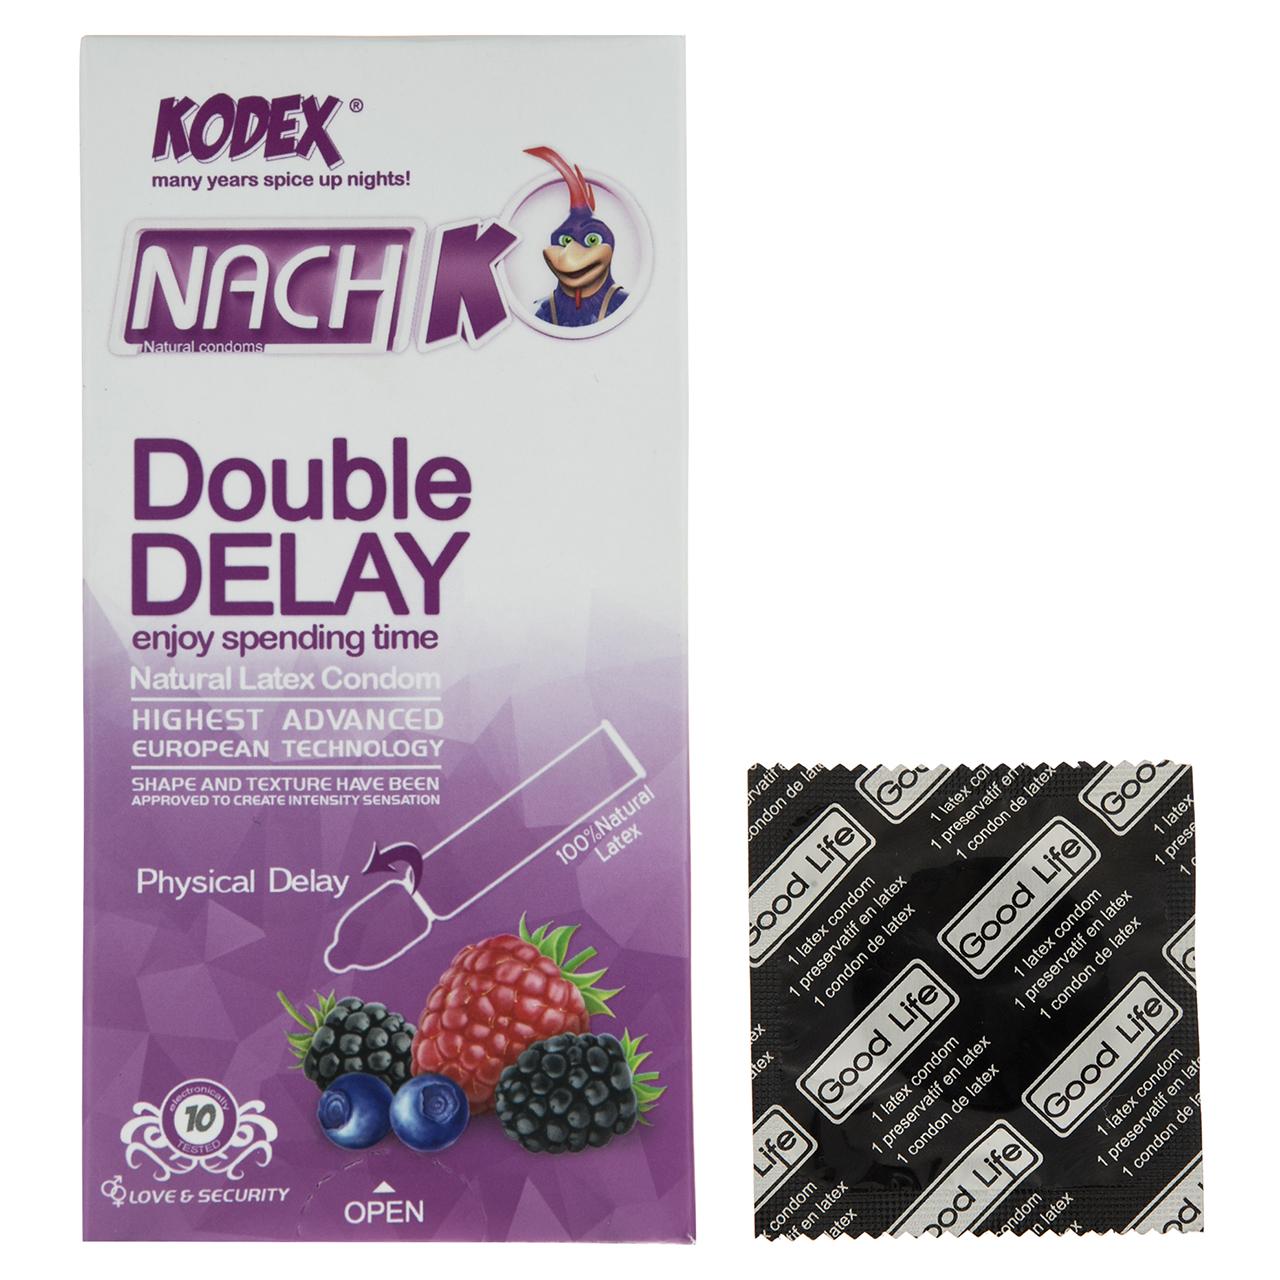 کاندوم کدکس مدل Double Delay بسته 10 عددی به همراه یک عدد کاندوم Good Life